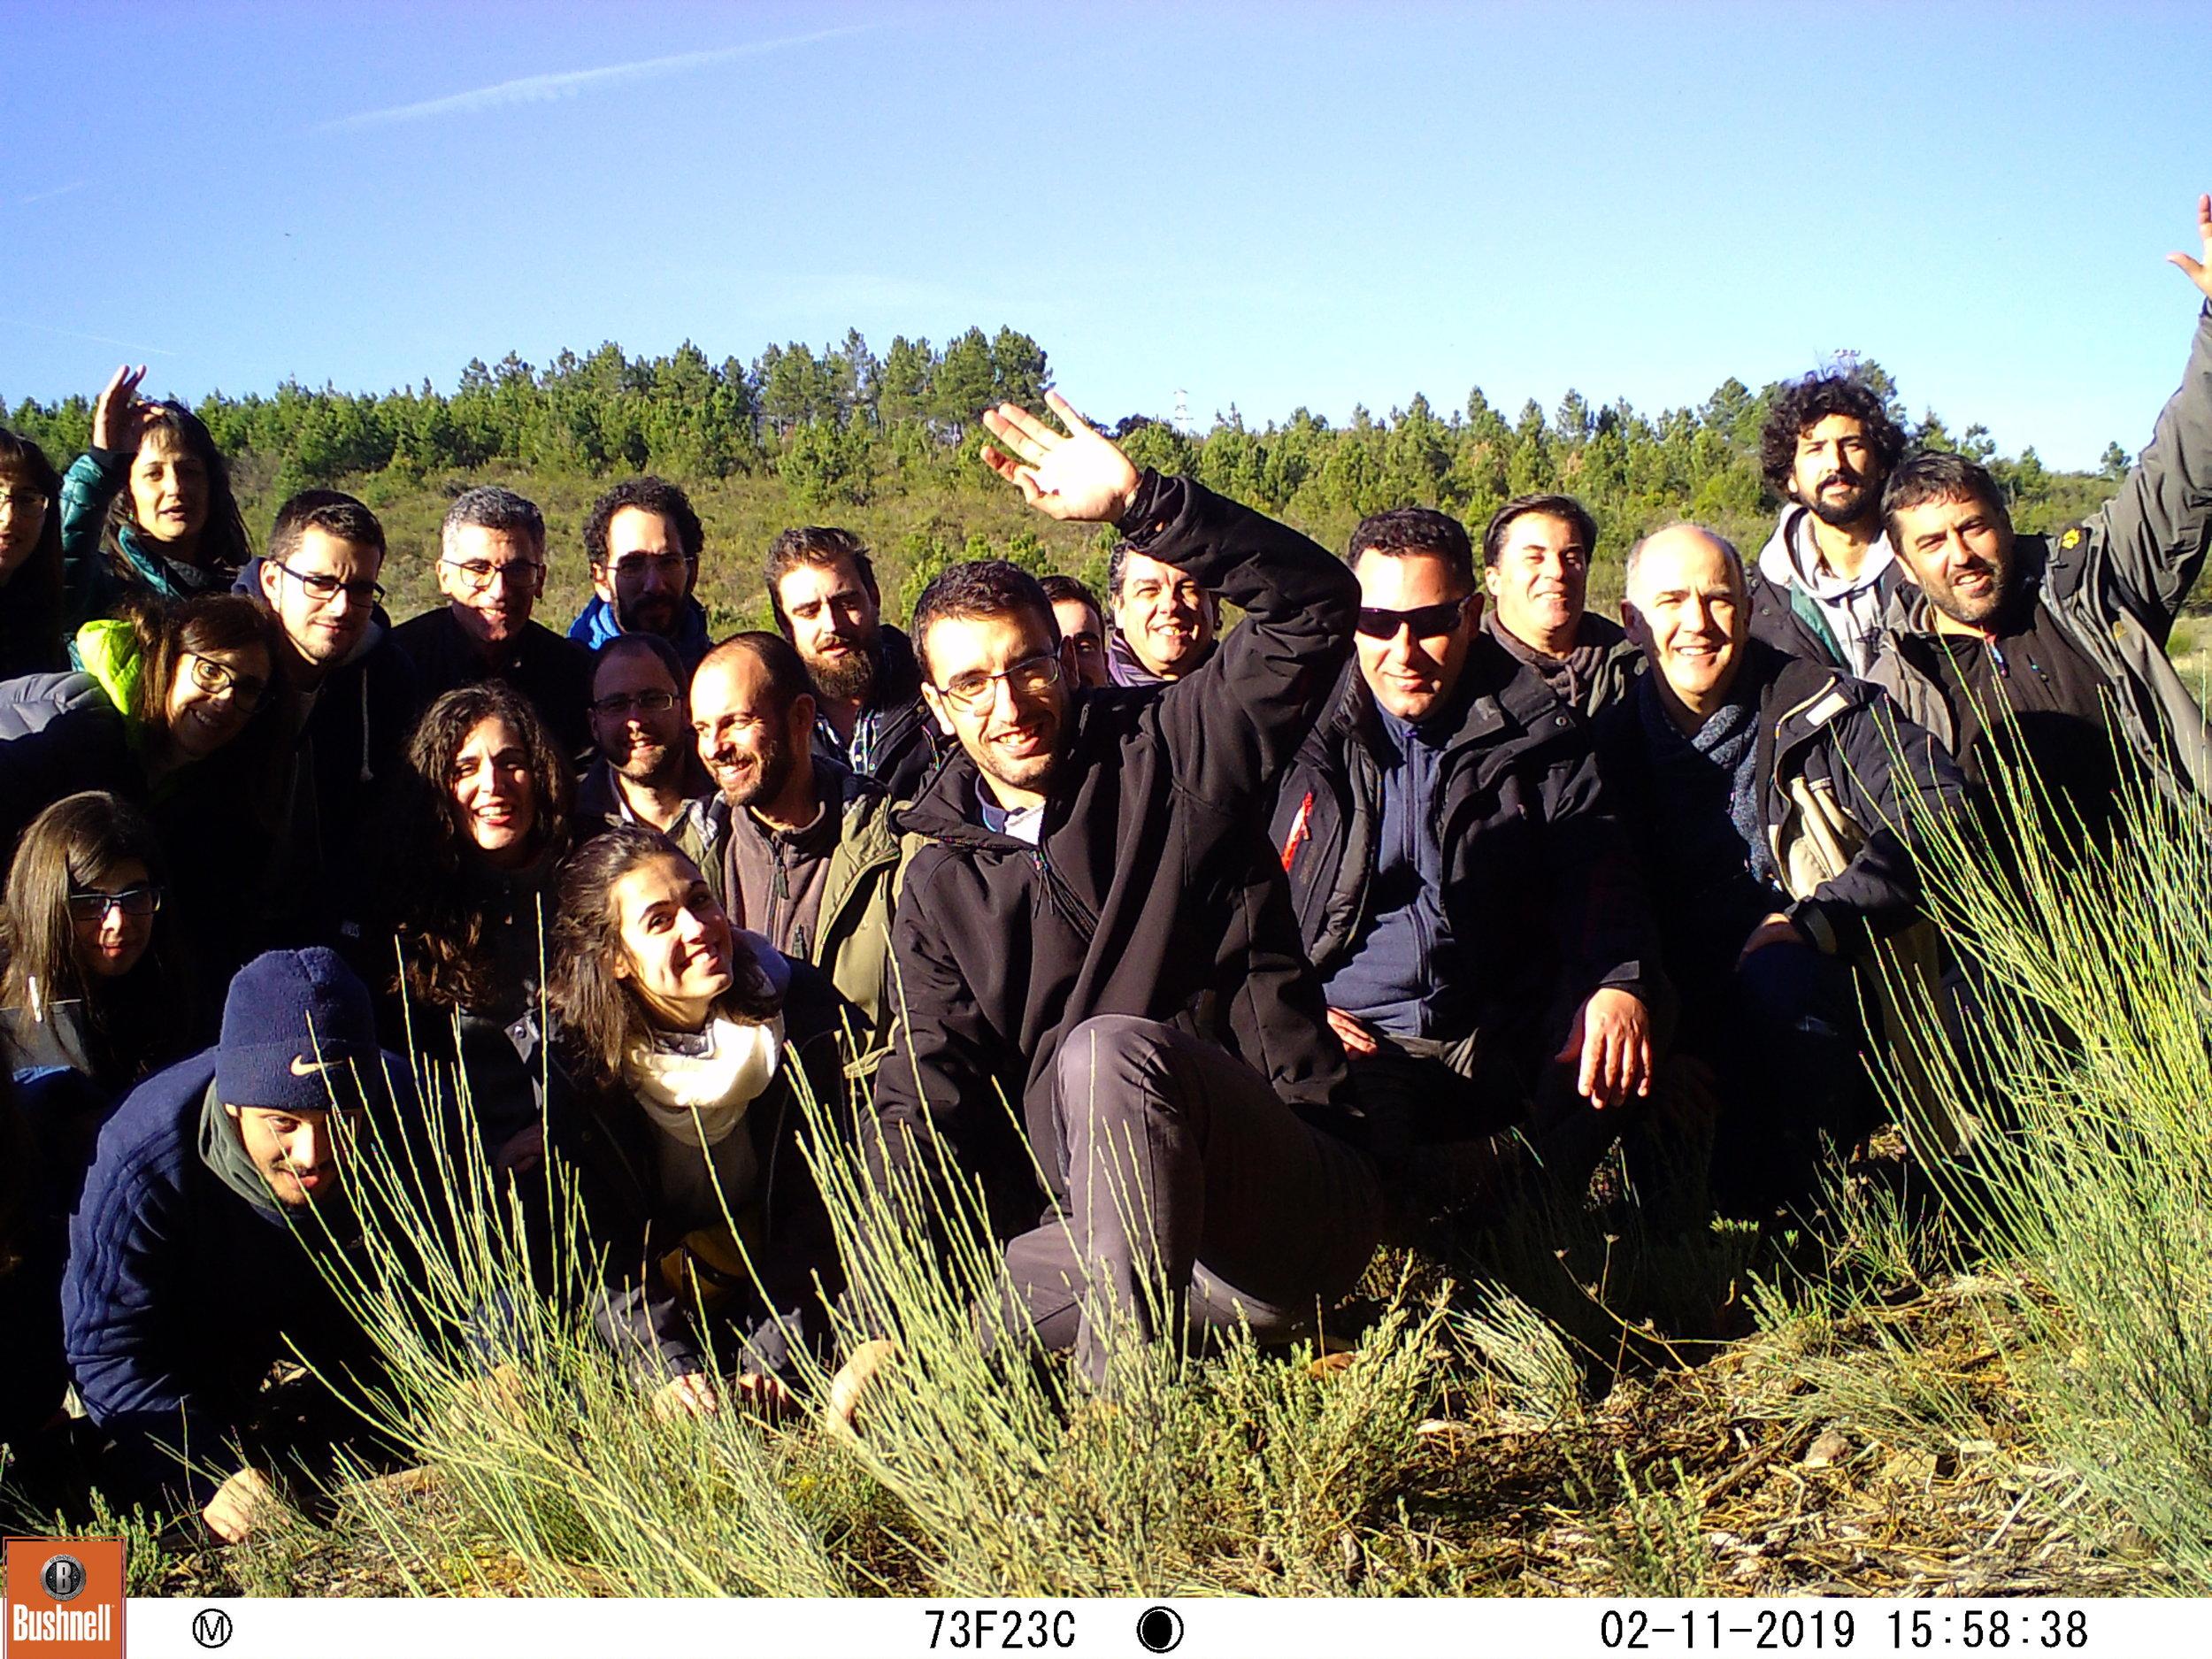 Fotografia de grupo tirada com uma máquina de fotoarmadilhagem.